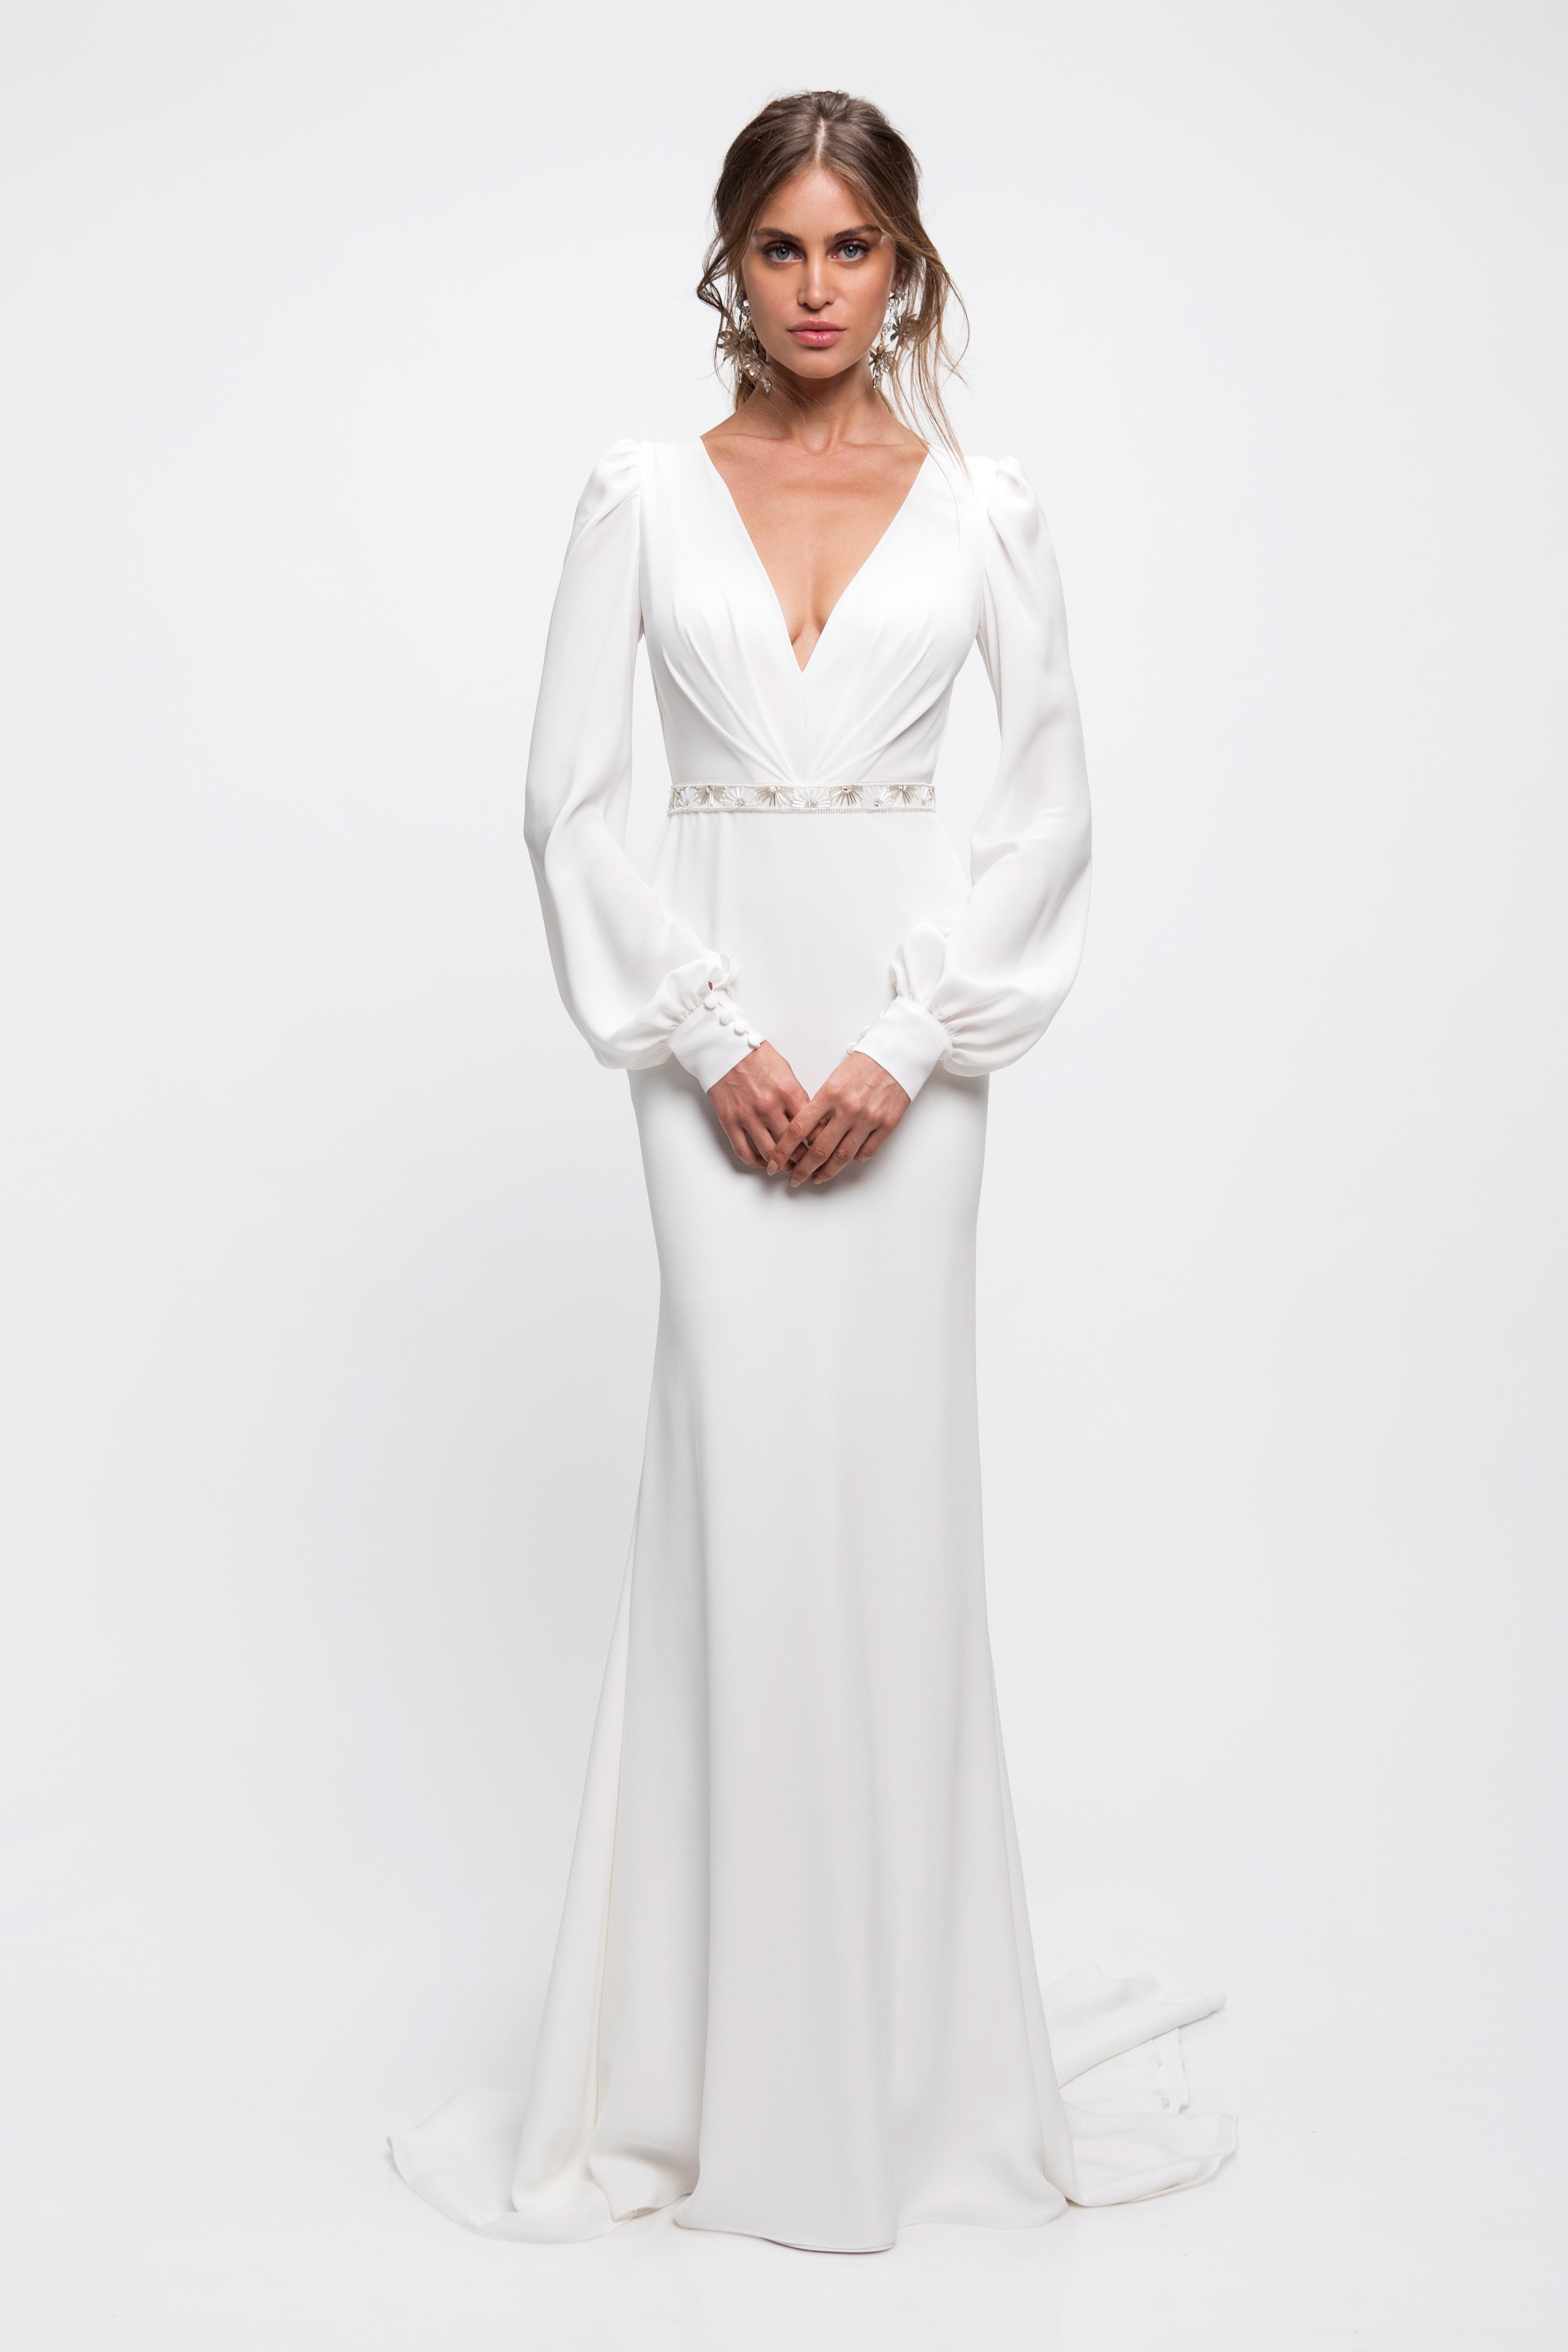 lihi hod wedding dress bell sleeves v-neck beaded belt trumpet